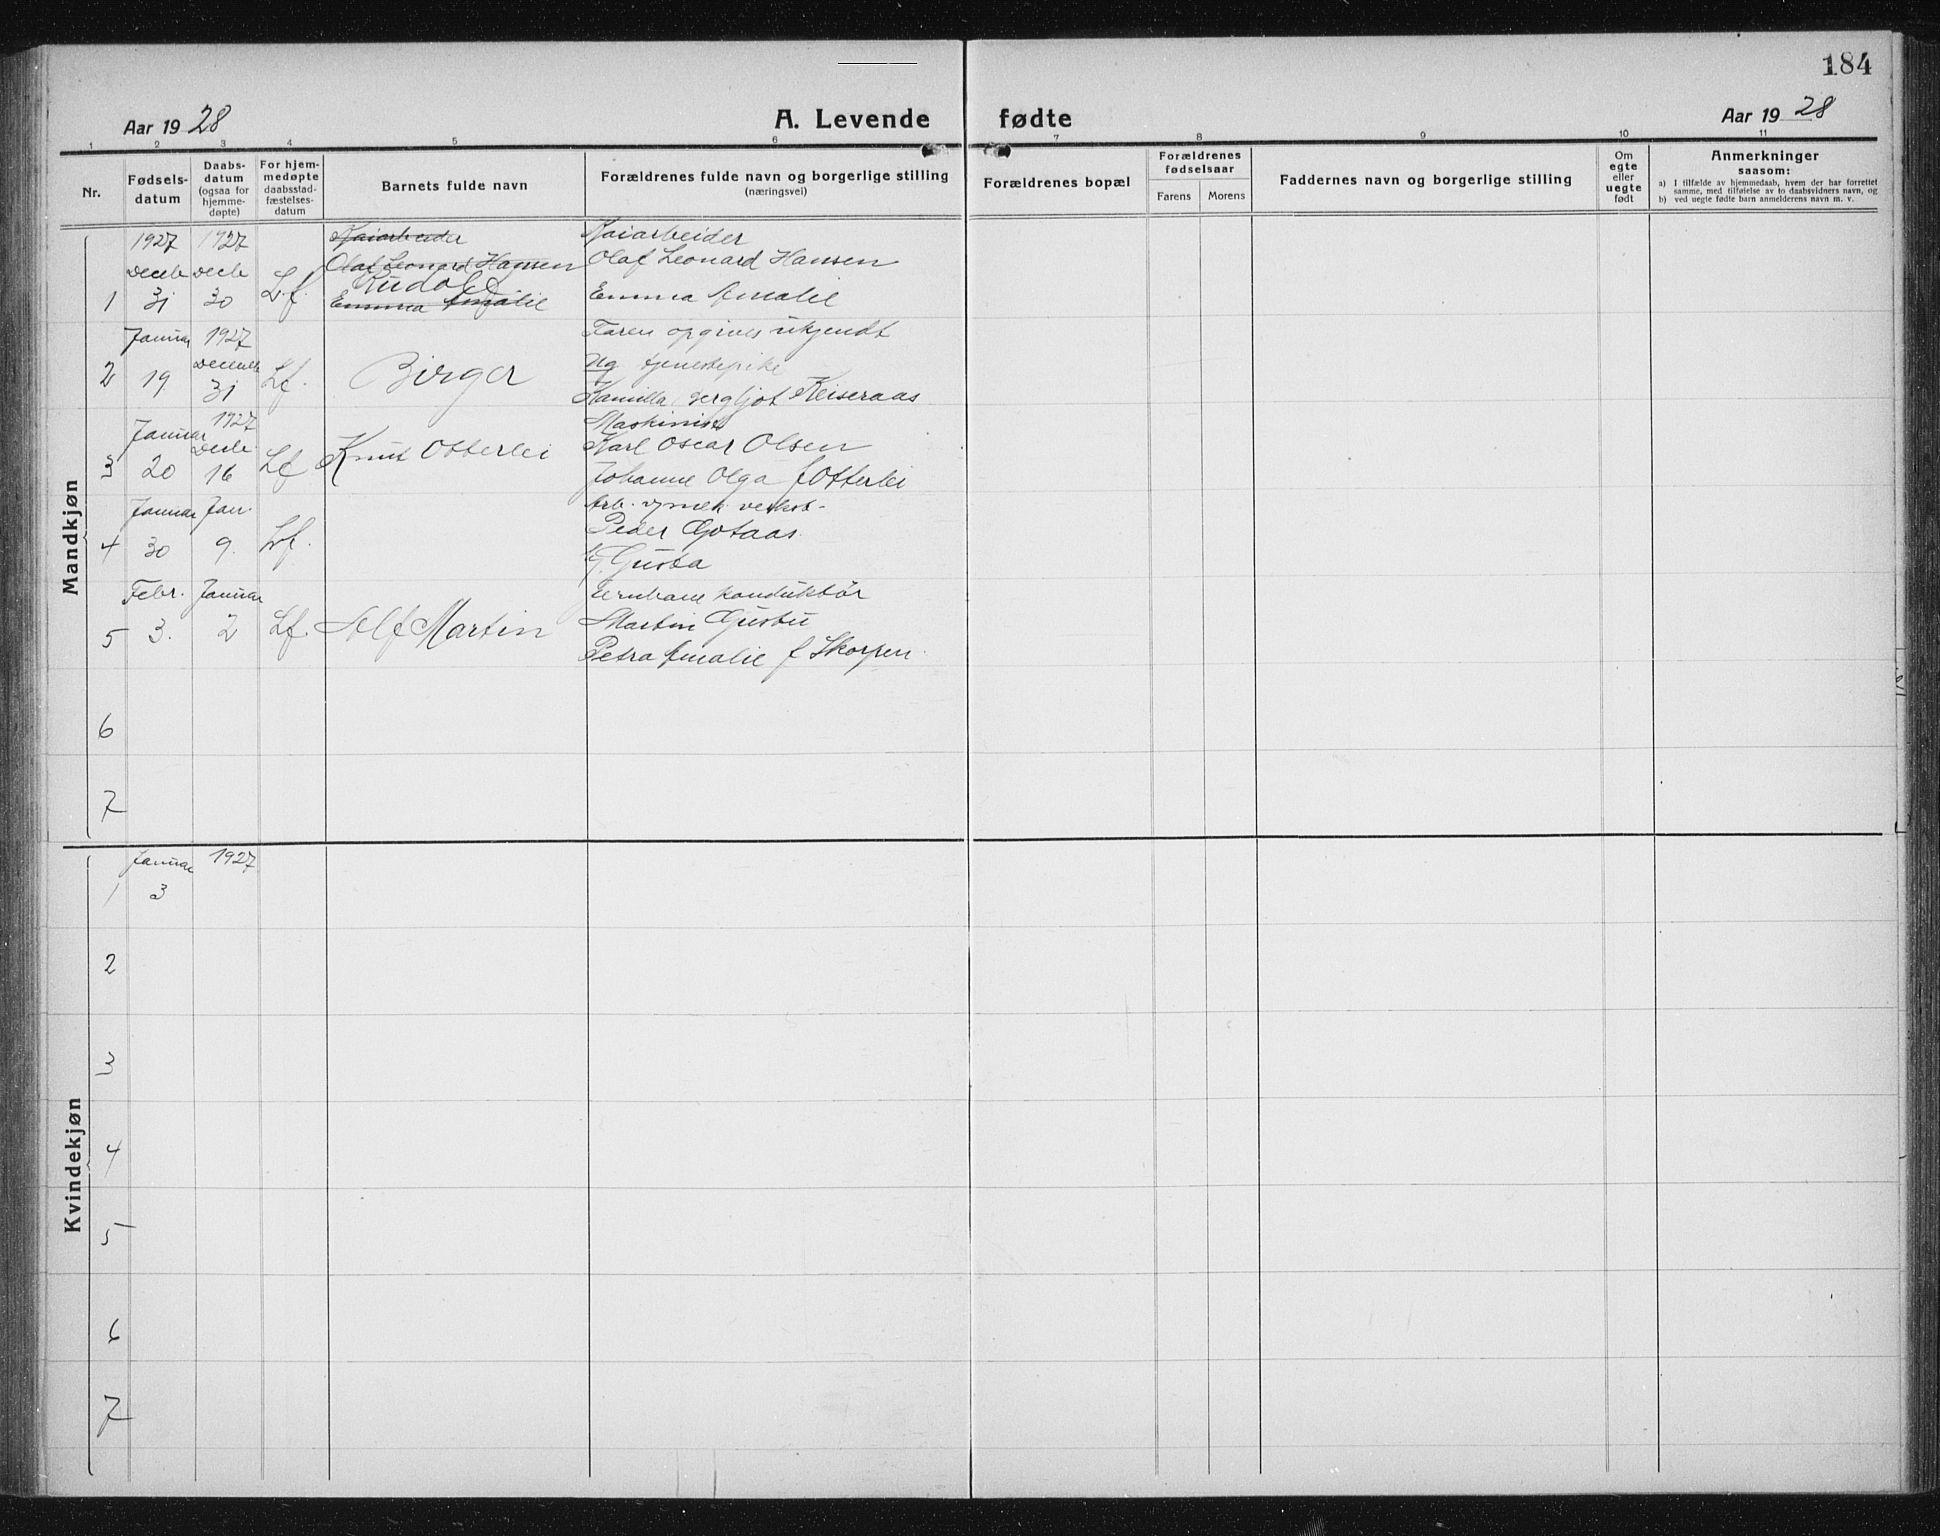 SAT, Ministerialprotokoller, klokkerbøker og fødselsregistre - Sør-Trøndelag, 605/L0259: Klokkerbok nr. 605C06, 1920-1937, s. 184